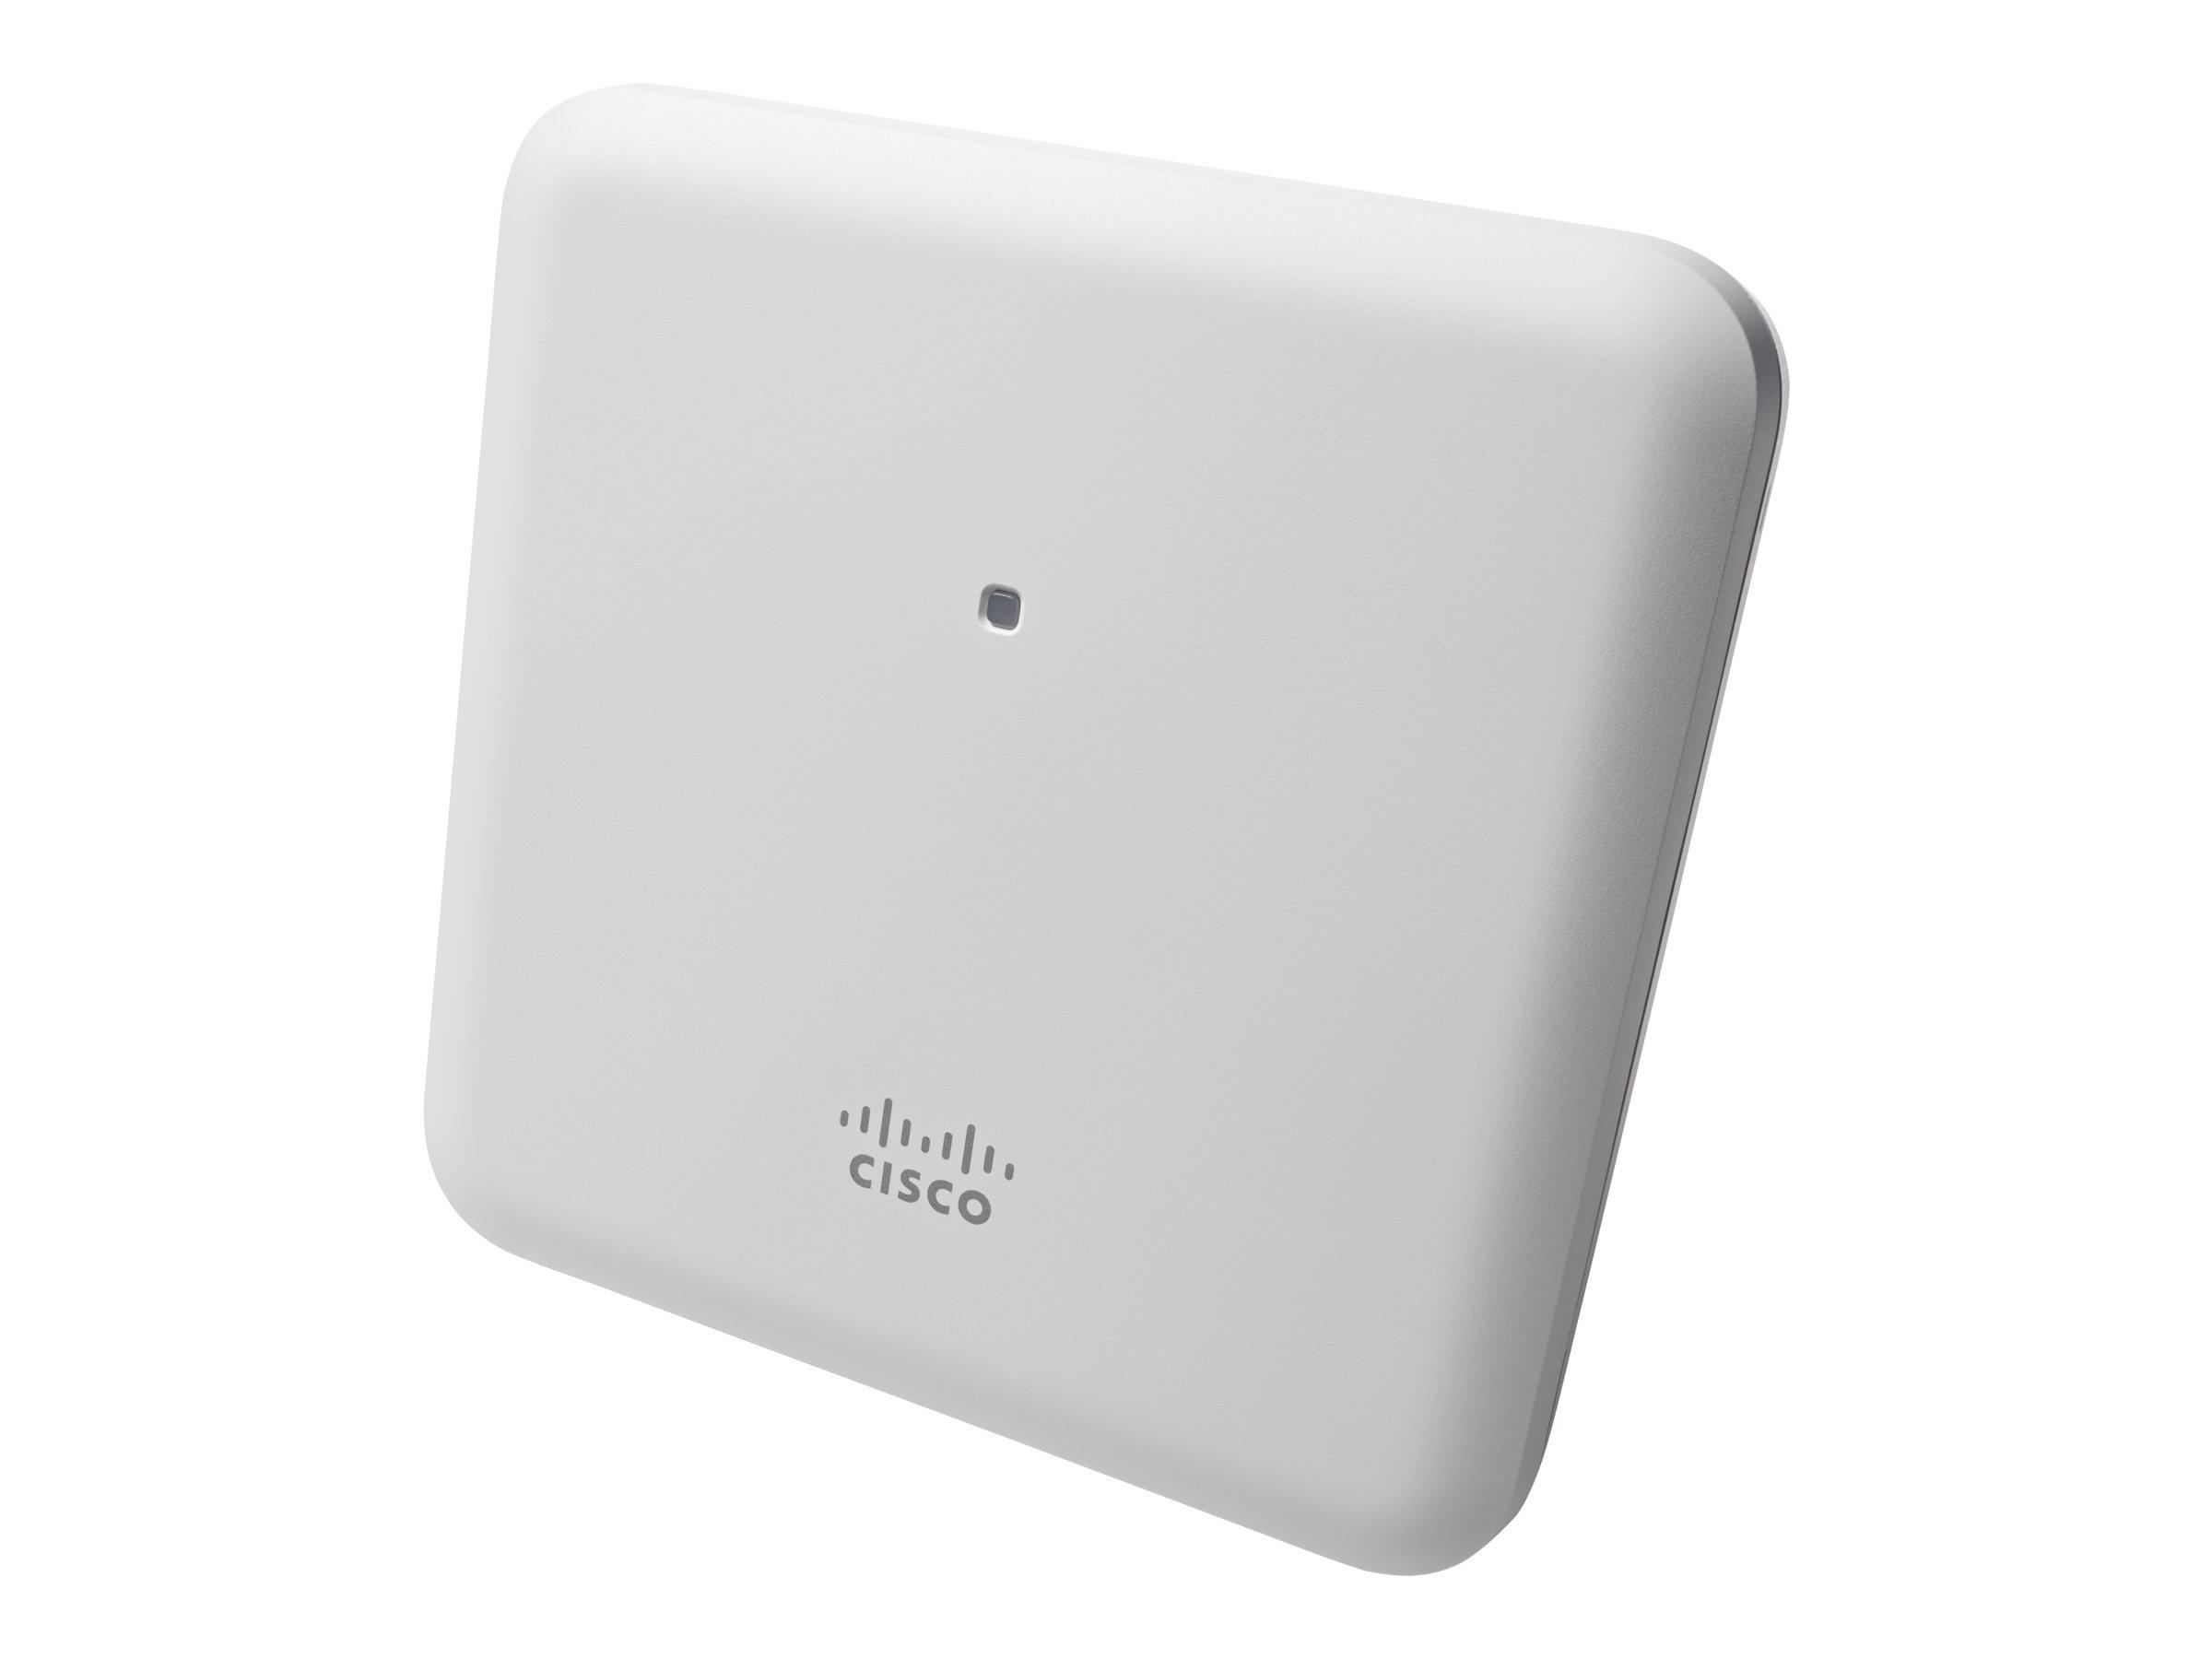 Cisco Aironet 1852I - Funkbasisstation - 802.11ac Wave 2 (draft 5.0) - Wi-Fi - Dualband